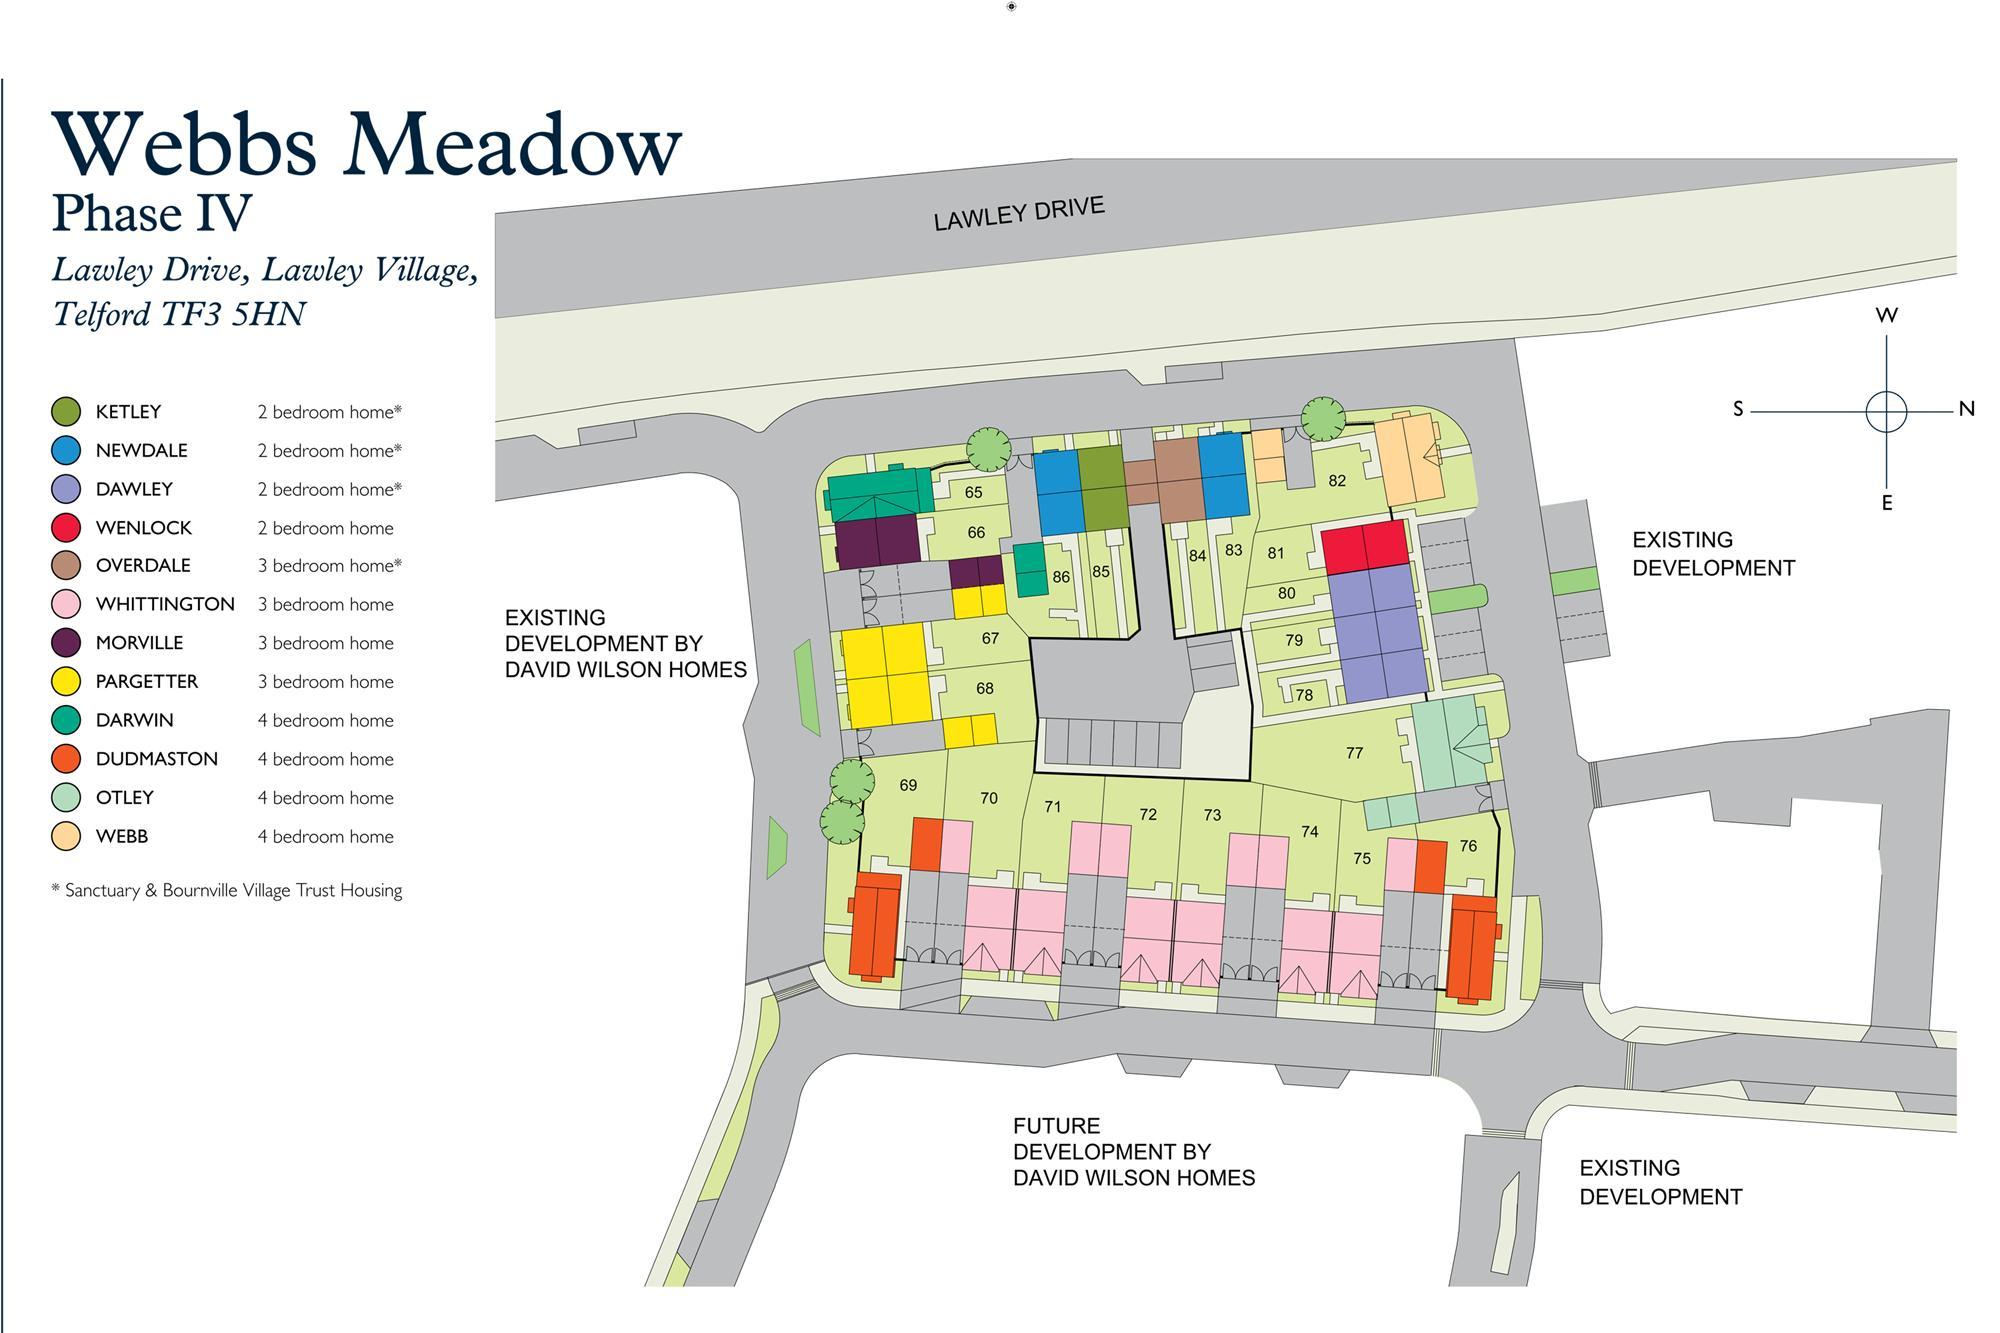 Webbs Meadow site plan